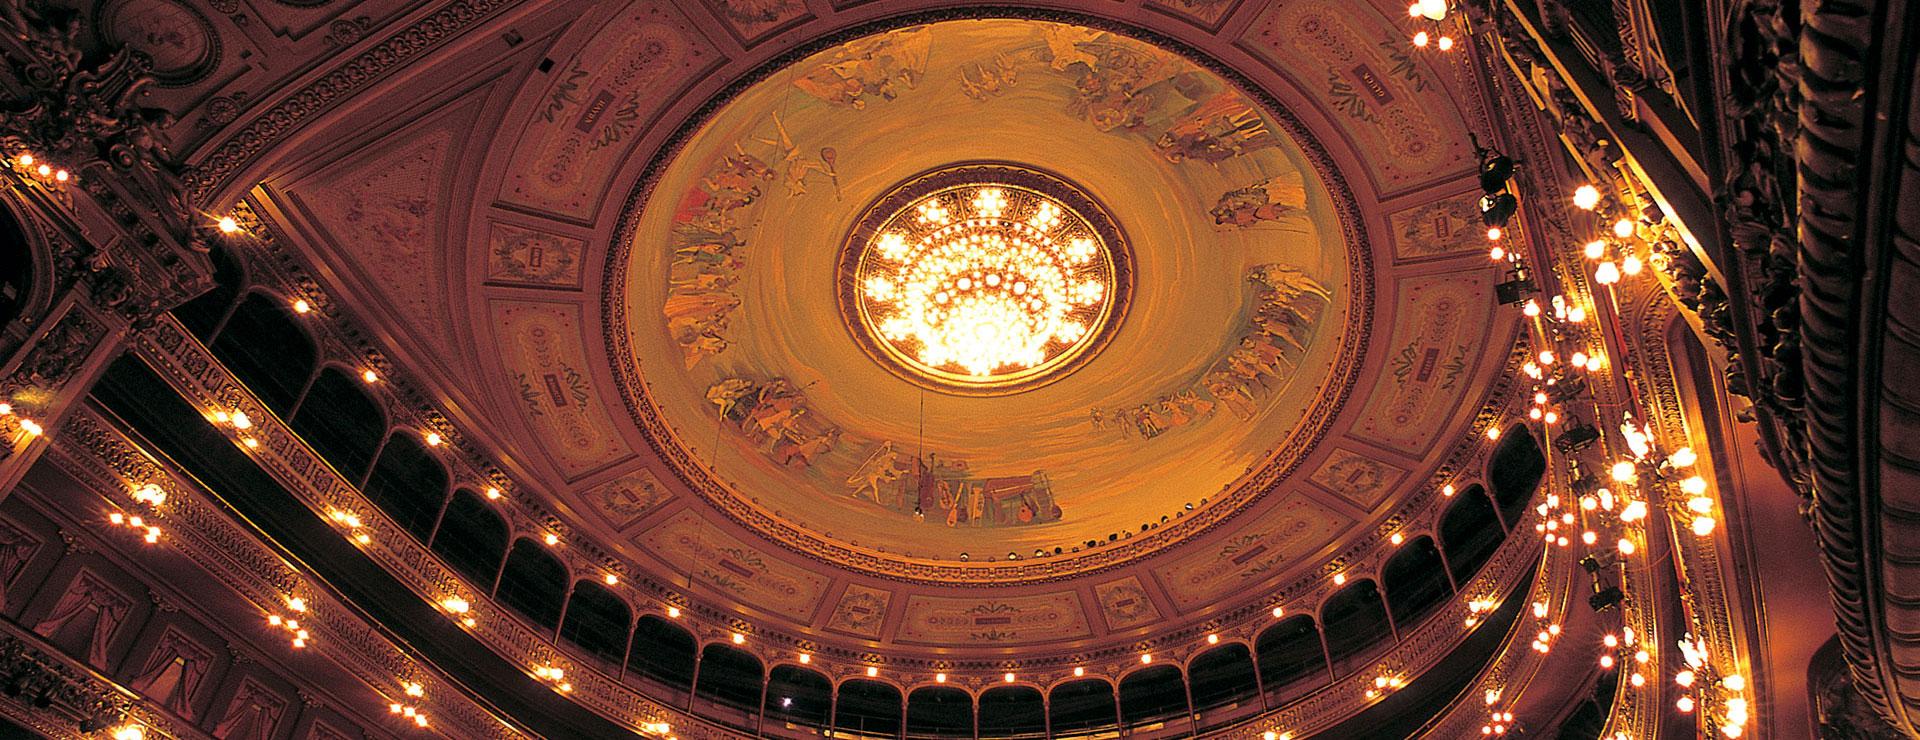 Colon Theatre ceiling